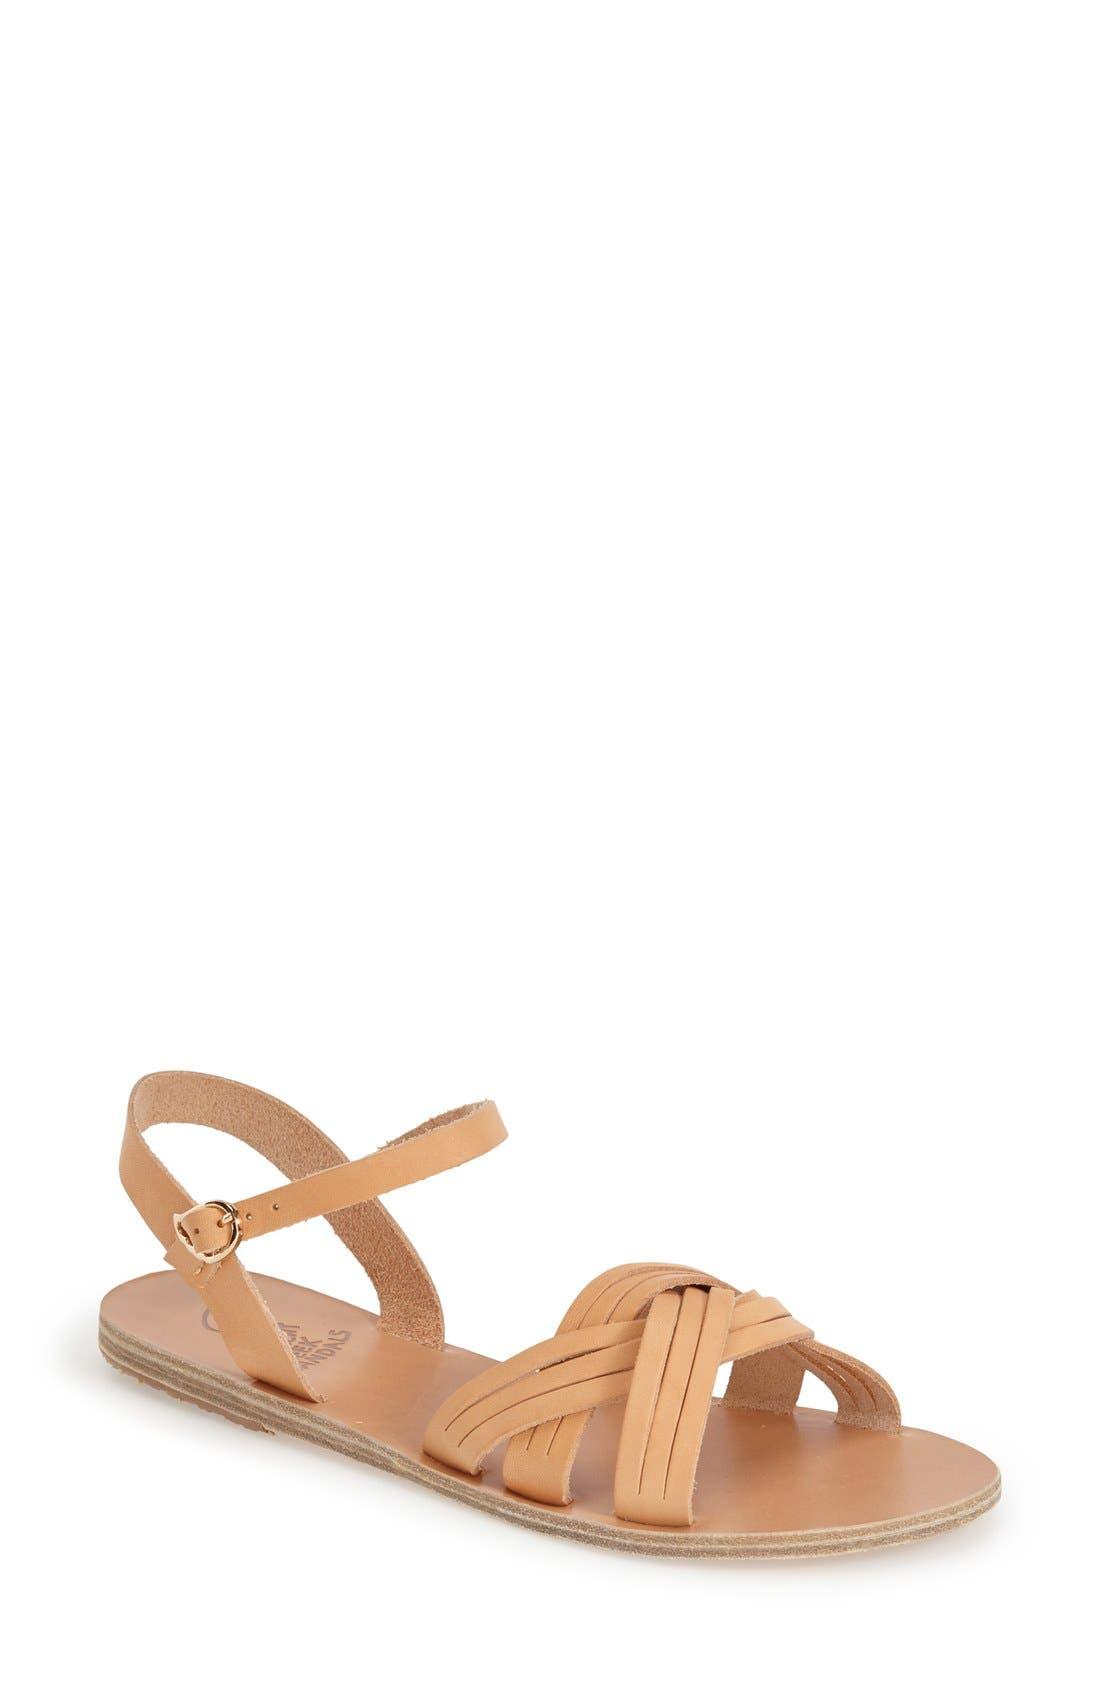 Alternate Image 1 Selected - Ancient Greek Sandals 'Electra' Quarter Strap Sandal (Women)